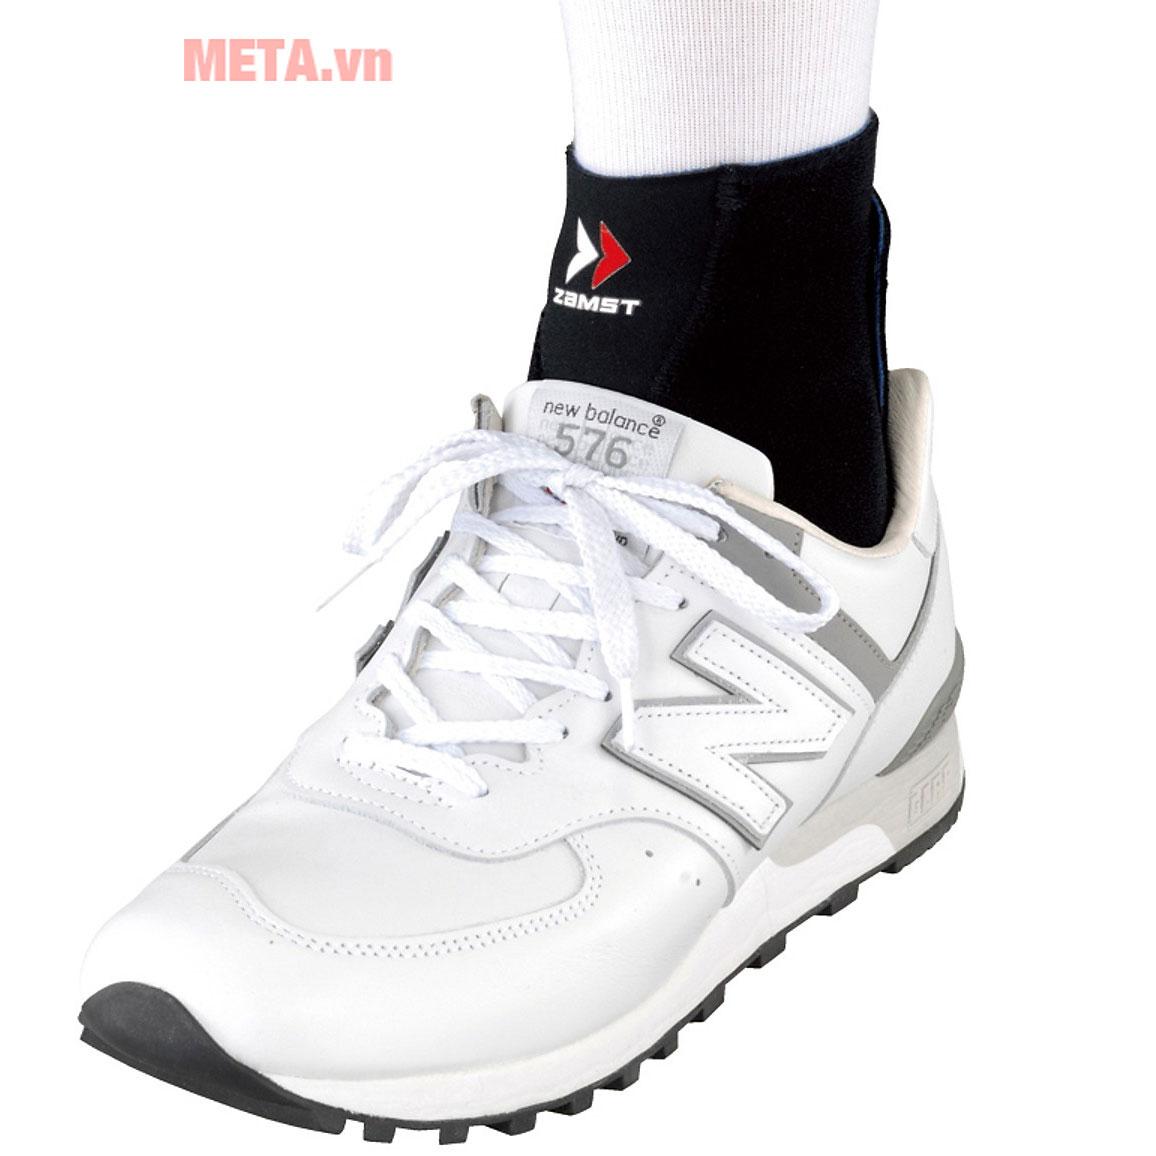 Thoải mái khi đeo giày và vận động